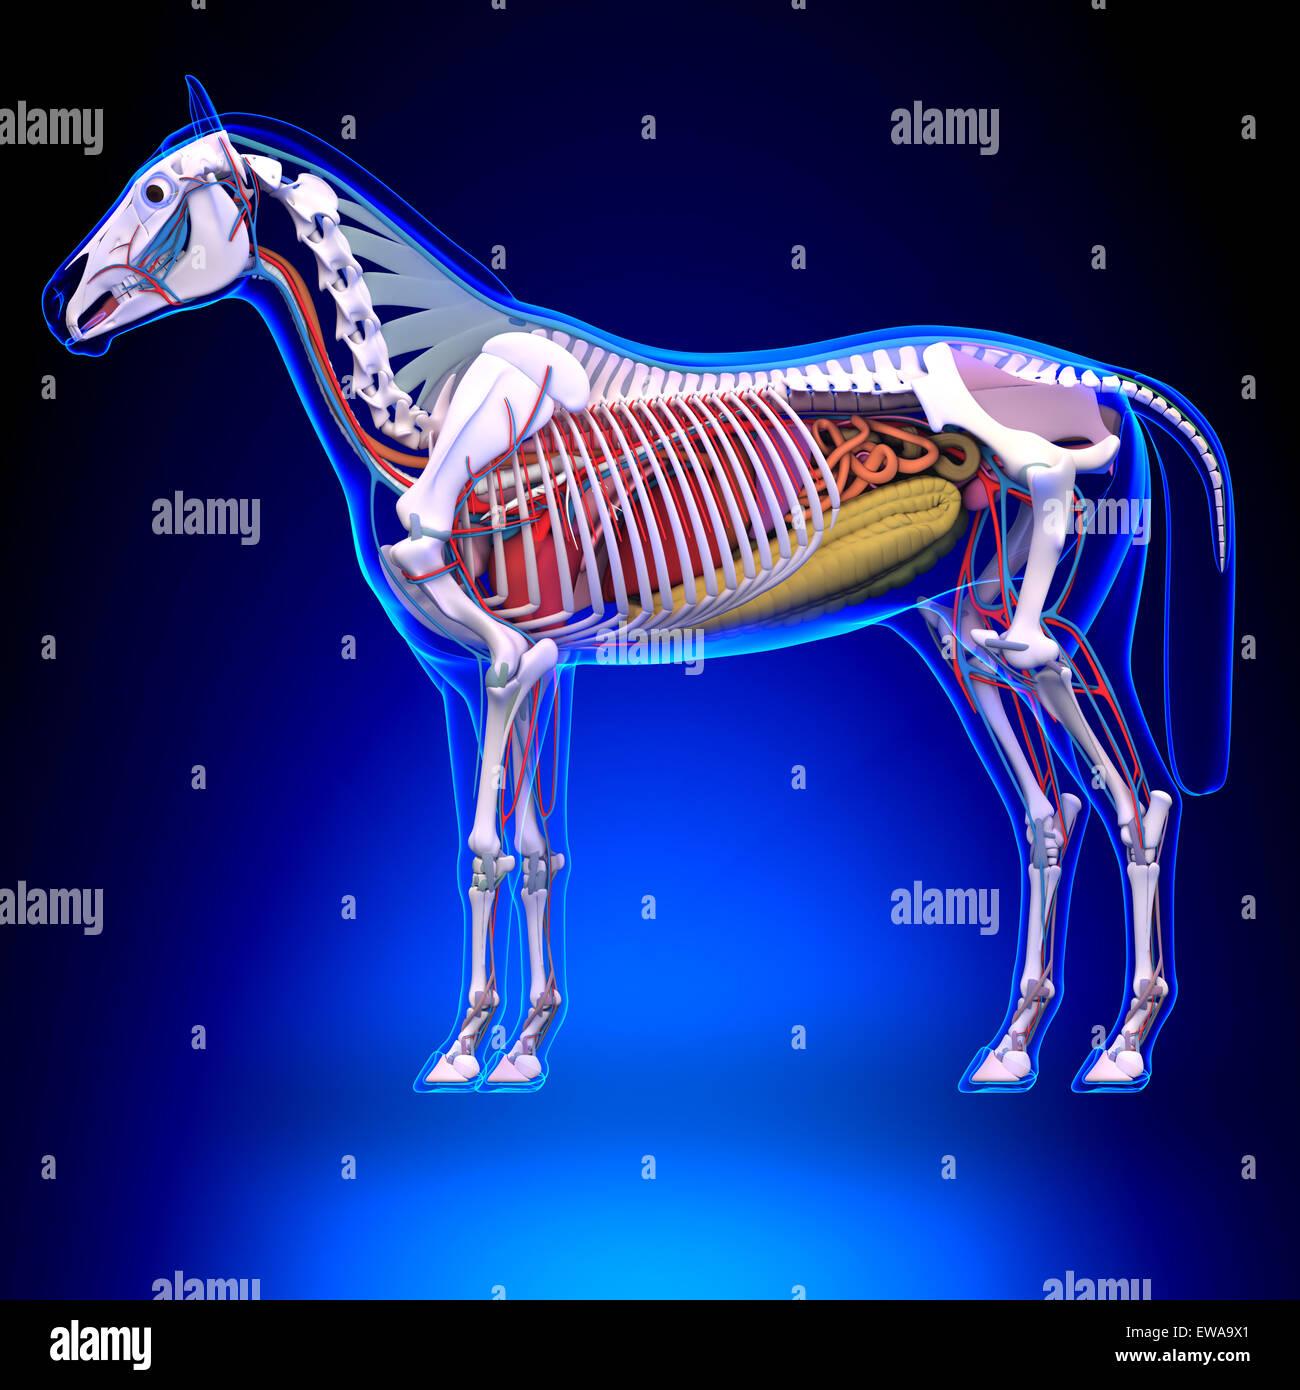 Pferdenanatomie - Innere Anatomie des Pferdes Stockfoto, Bild ...